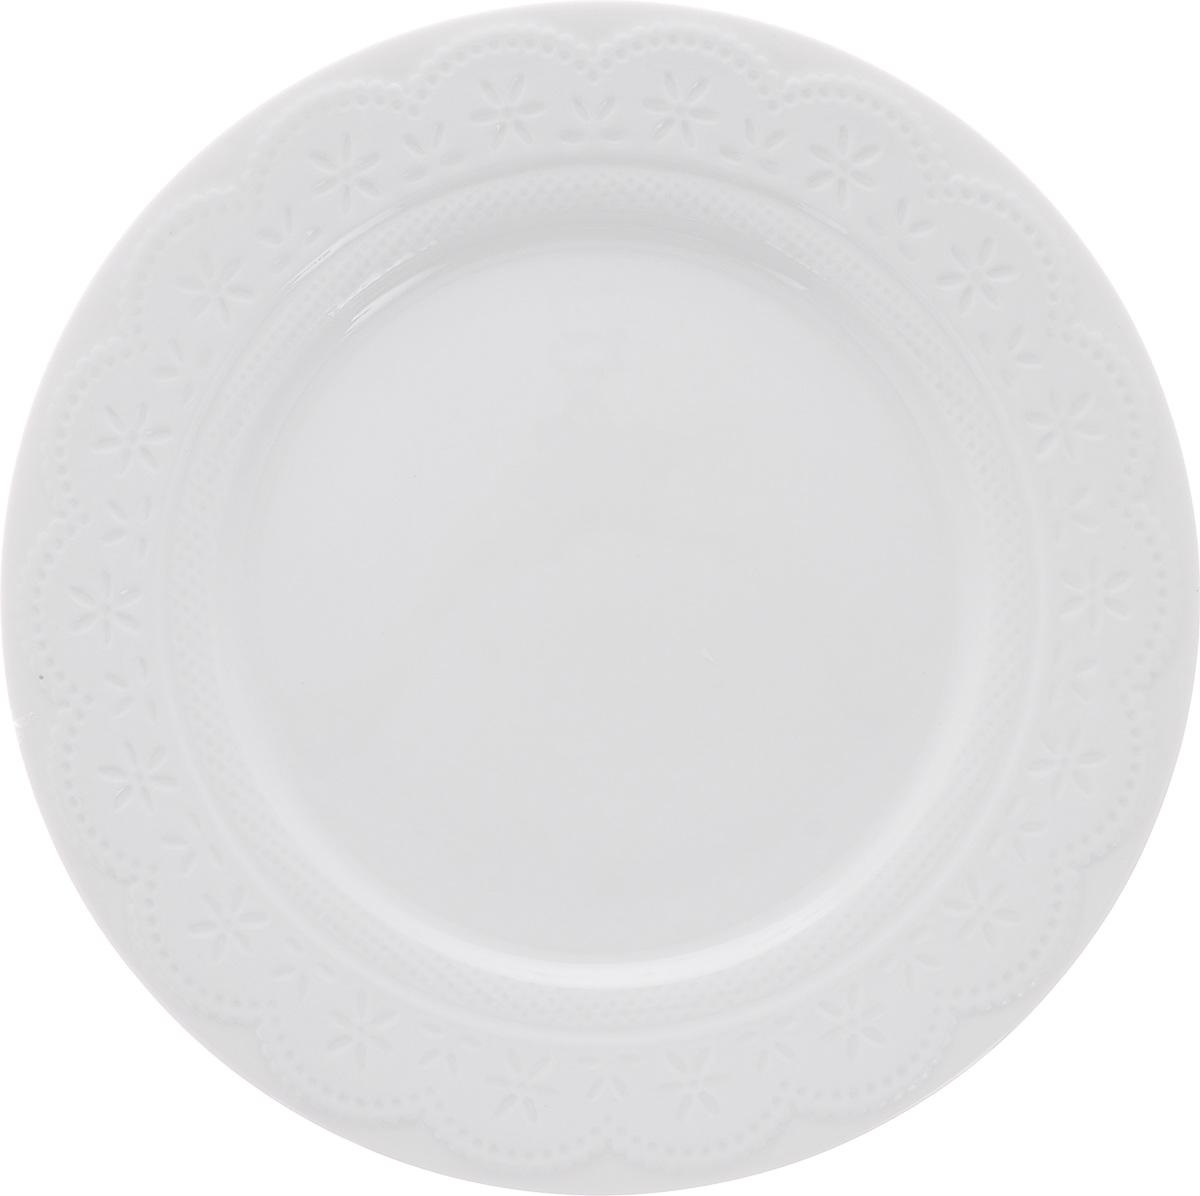 Тарелка обеденная Walmer Charlotte, цвет: белый, диаметр 26 смW07330026Обеденная тарелка Walmer Charlotte, выполненная из высококачественного фарфора, декорирована рельефным орнаментом. Изящный дизайн придется по вкусу и ценителям классики, и тем, кто предпочитает утонченность. Обеденная тарелка Walmer Charlotte, идеально подойдет для сервировки стола и станет отличным подарком к любому празднику.Можно использовать в микроволновой печи и мыть в посудомоечных машинах.